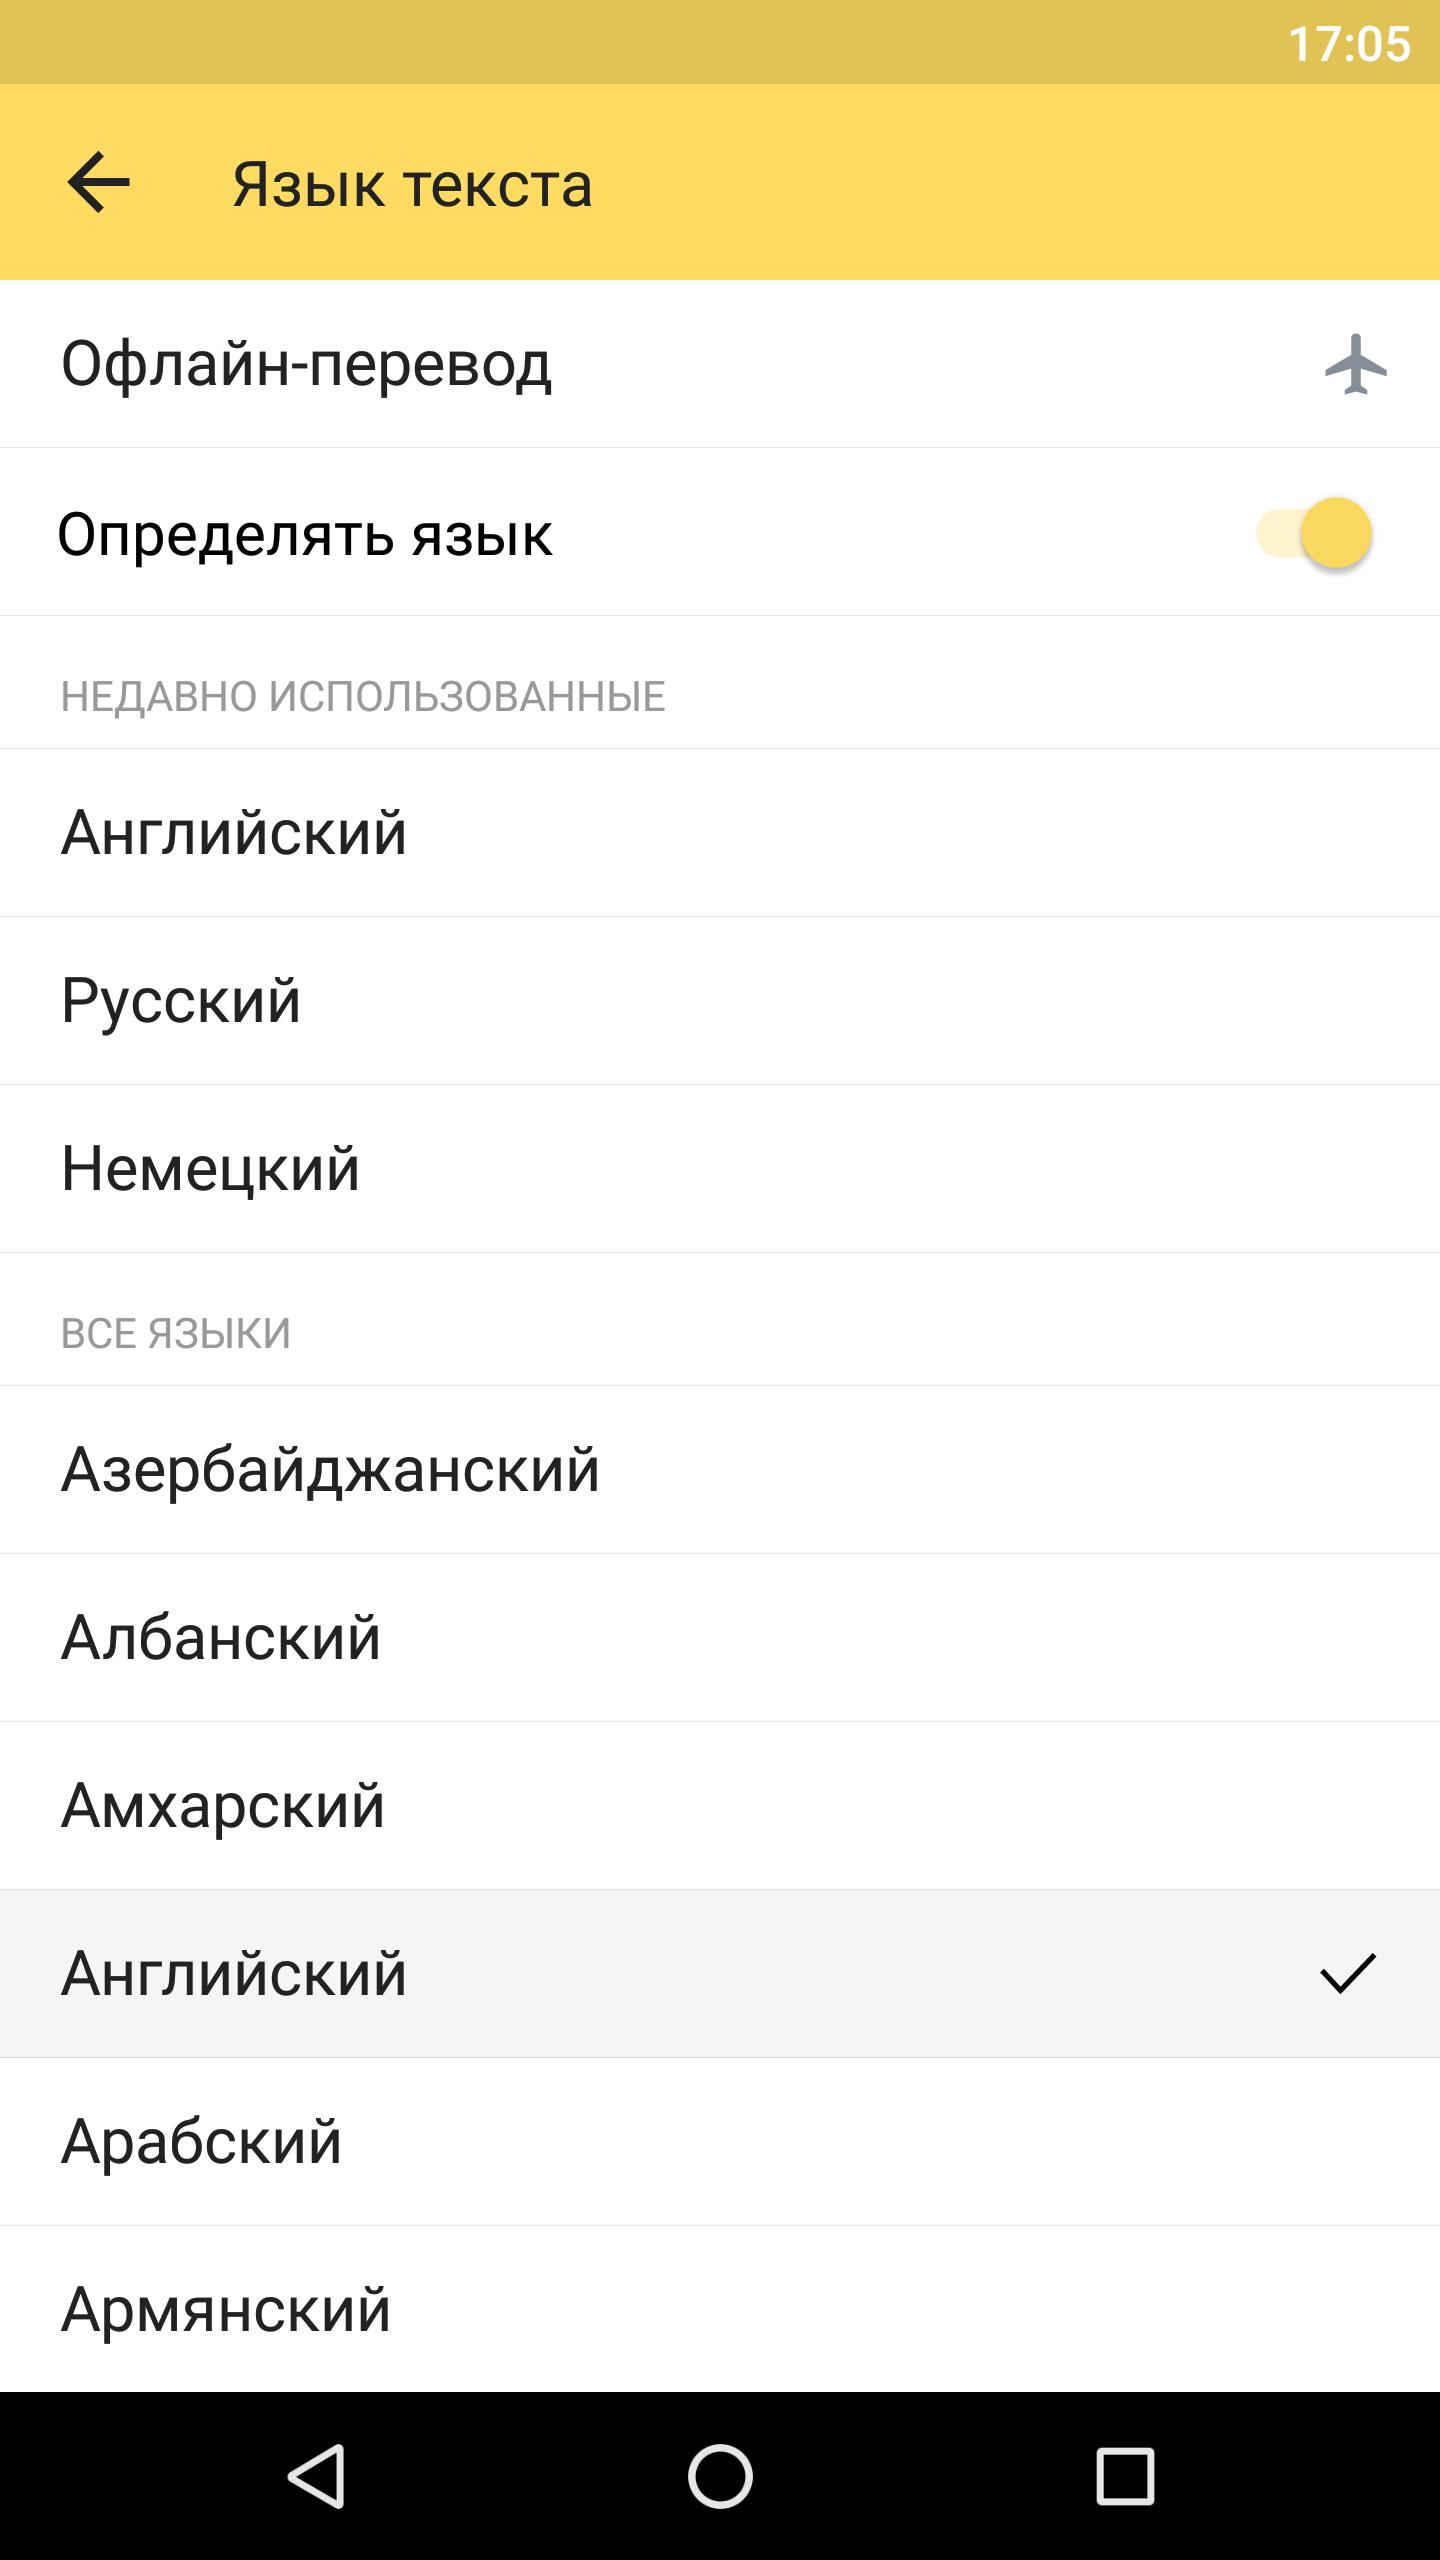 Яндекс перевод английский на русский